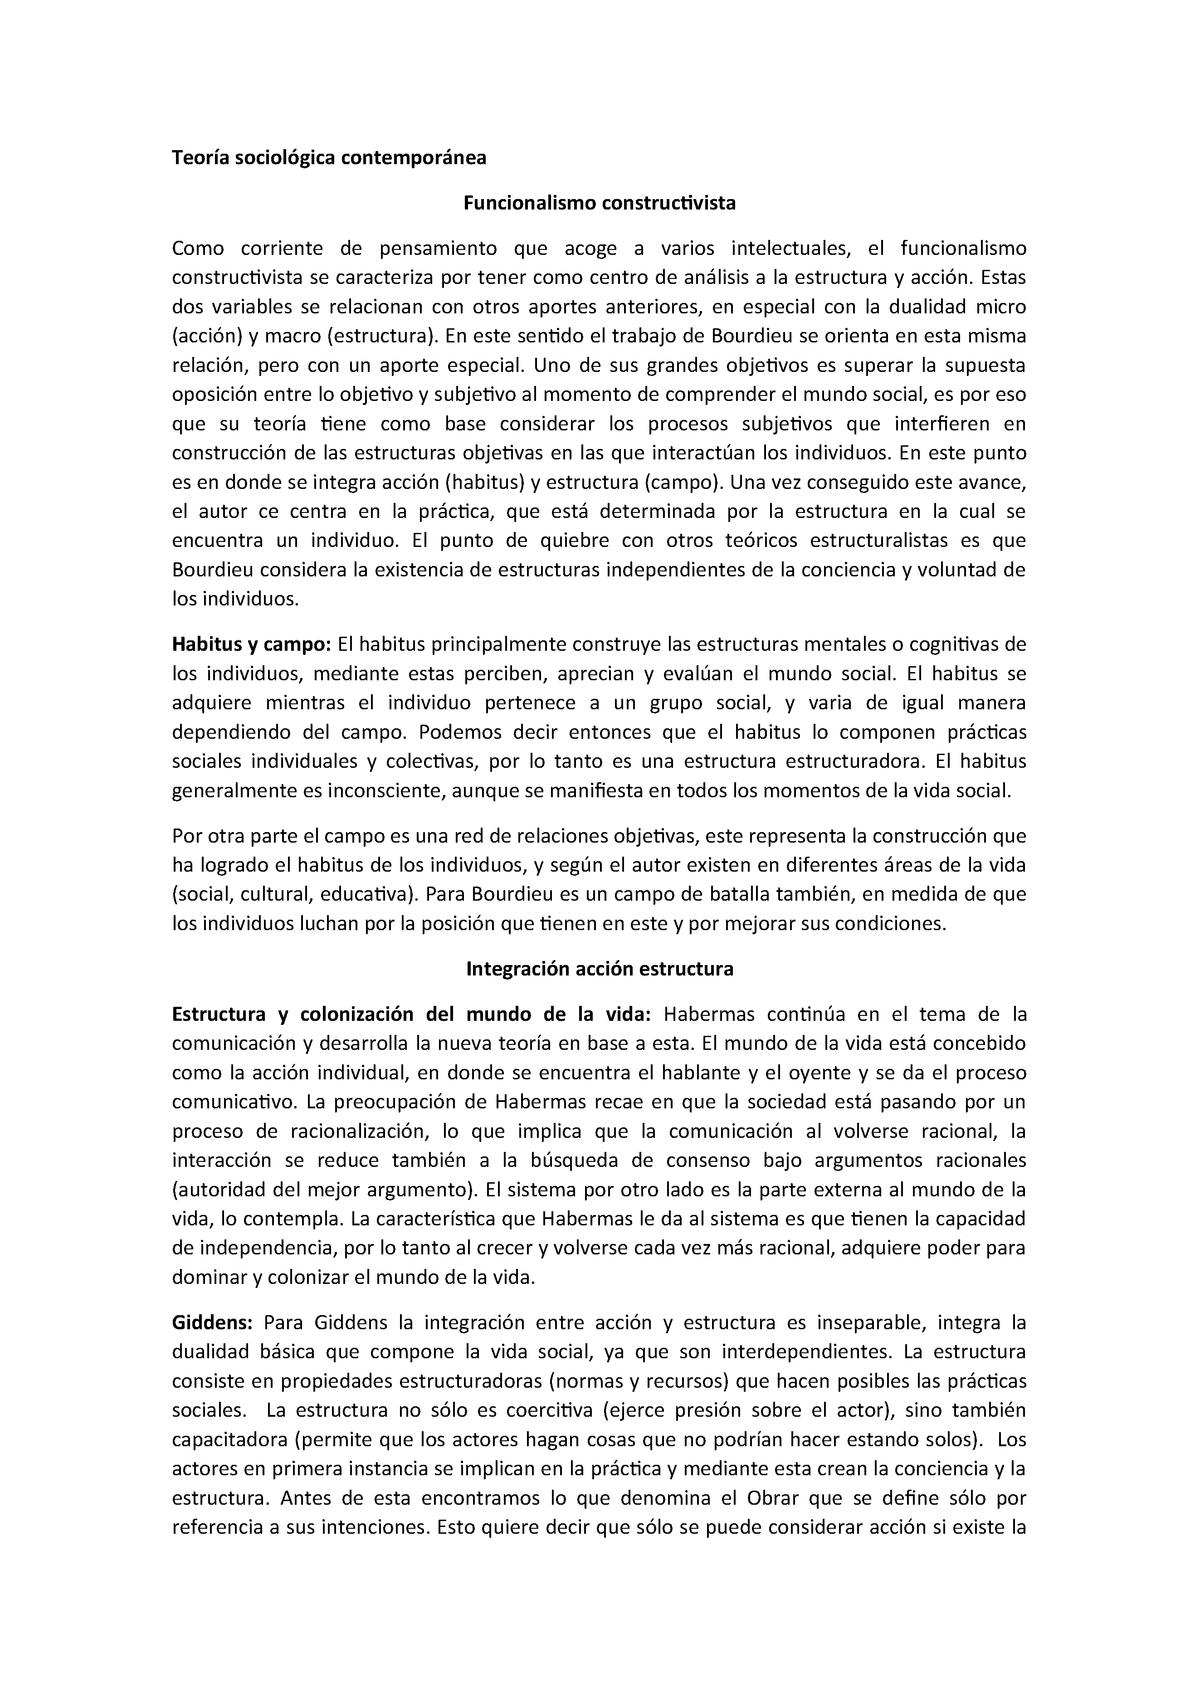 Funcionalismo Constructivista Sociología Uce Studocu